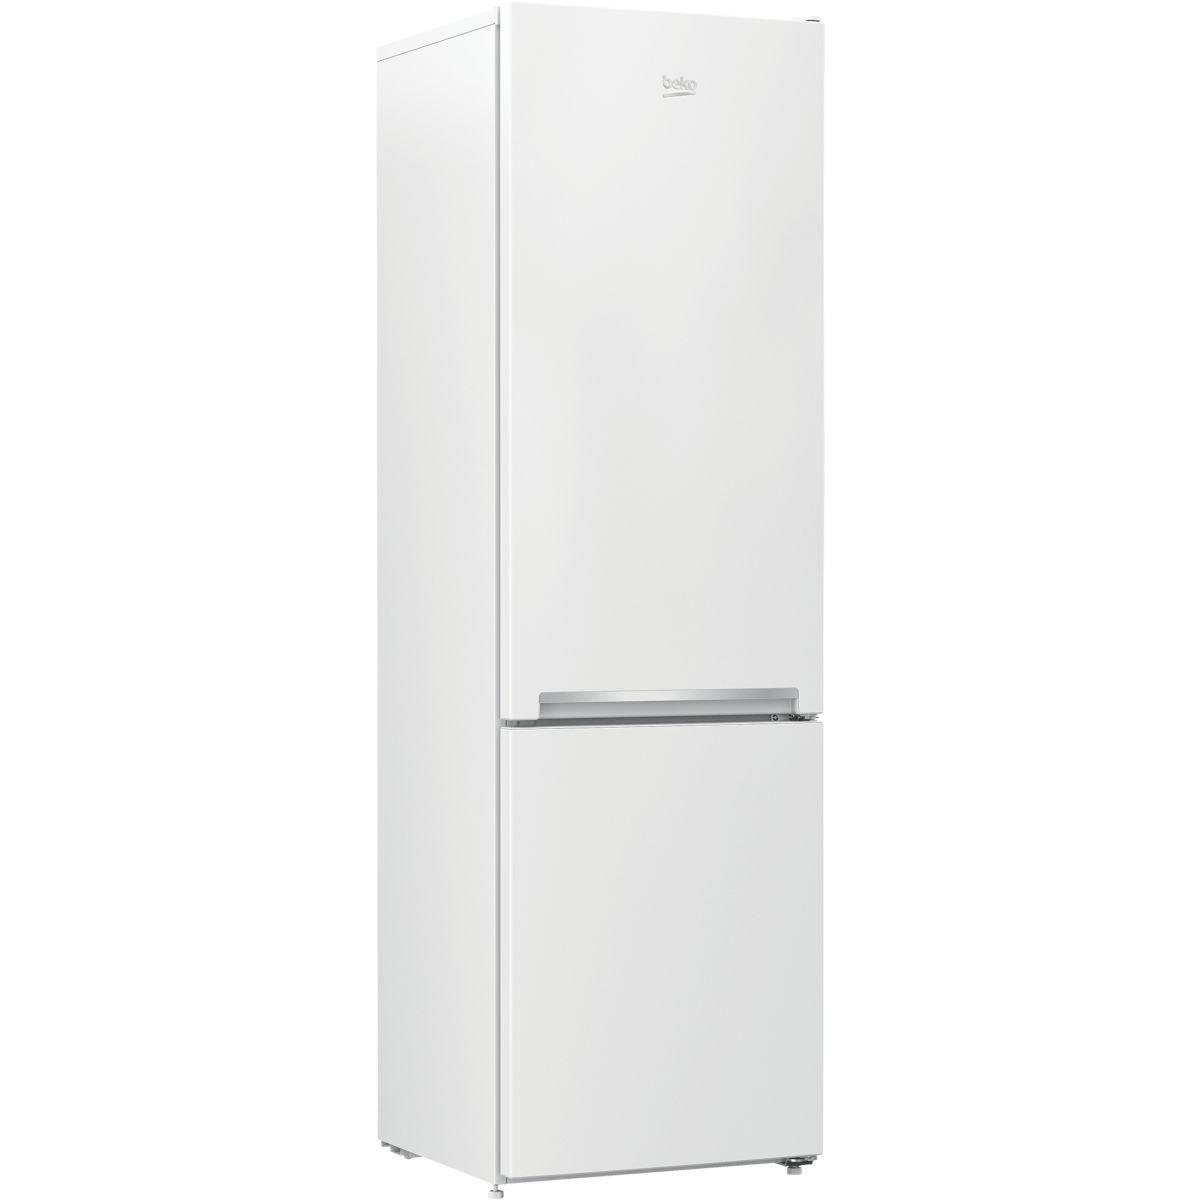 Refrigerateur Grand Volume Pas Cher Frigo Encastrable Chez Boulanger Refrigerateur Table Top Chez B Refrigerateur Table Top Frigo Encastrable Refrigerateur